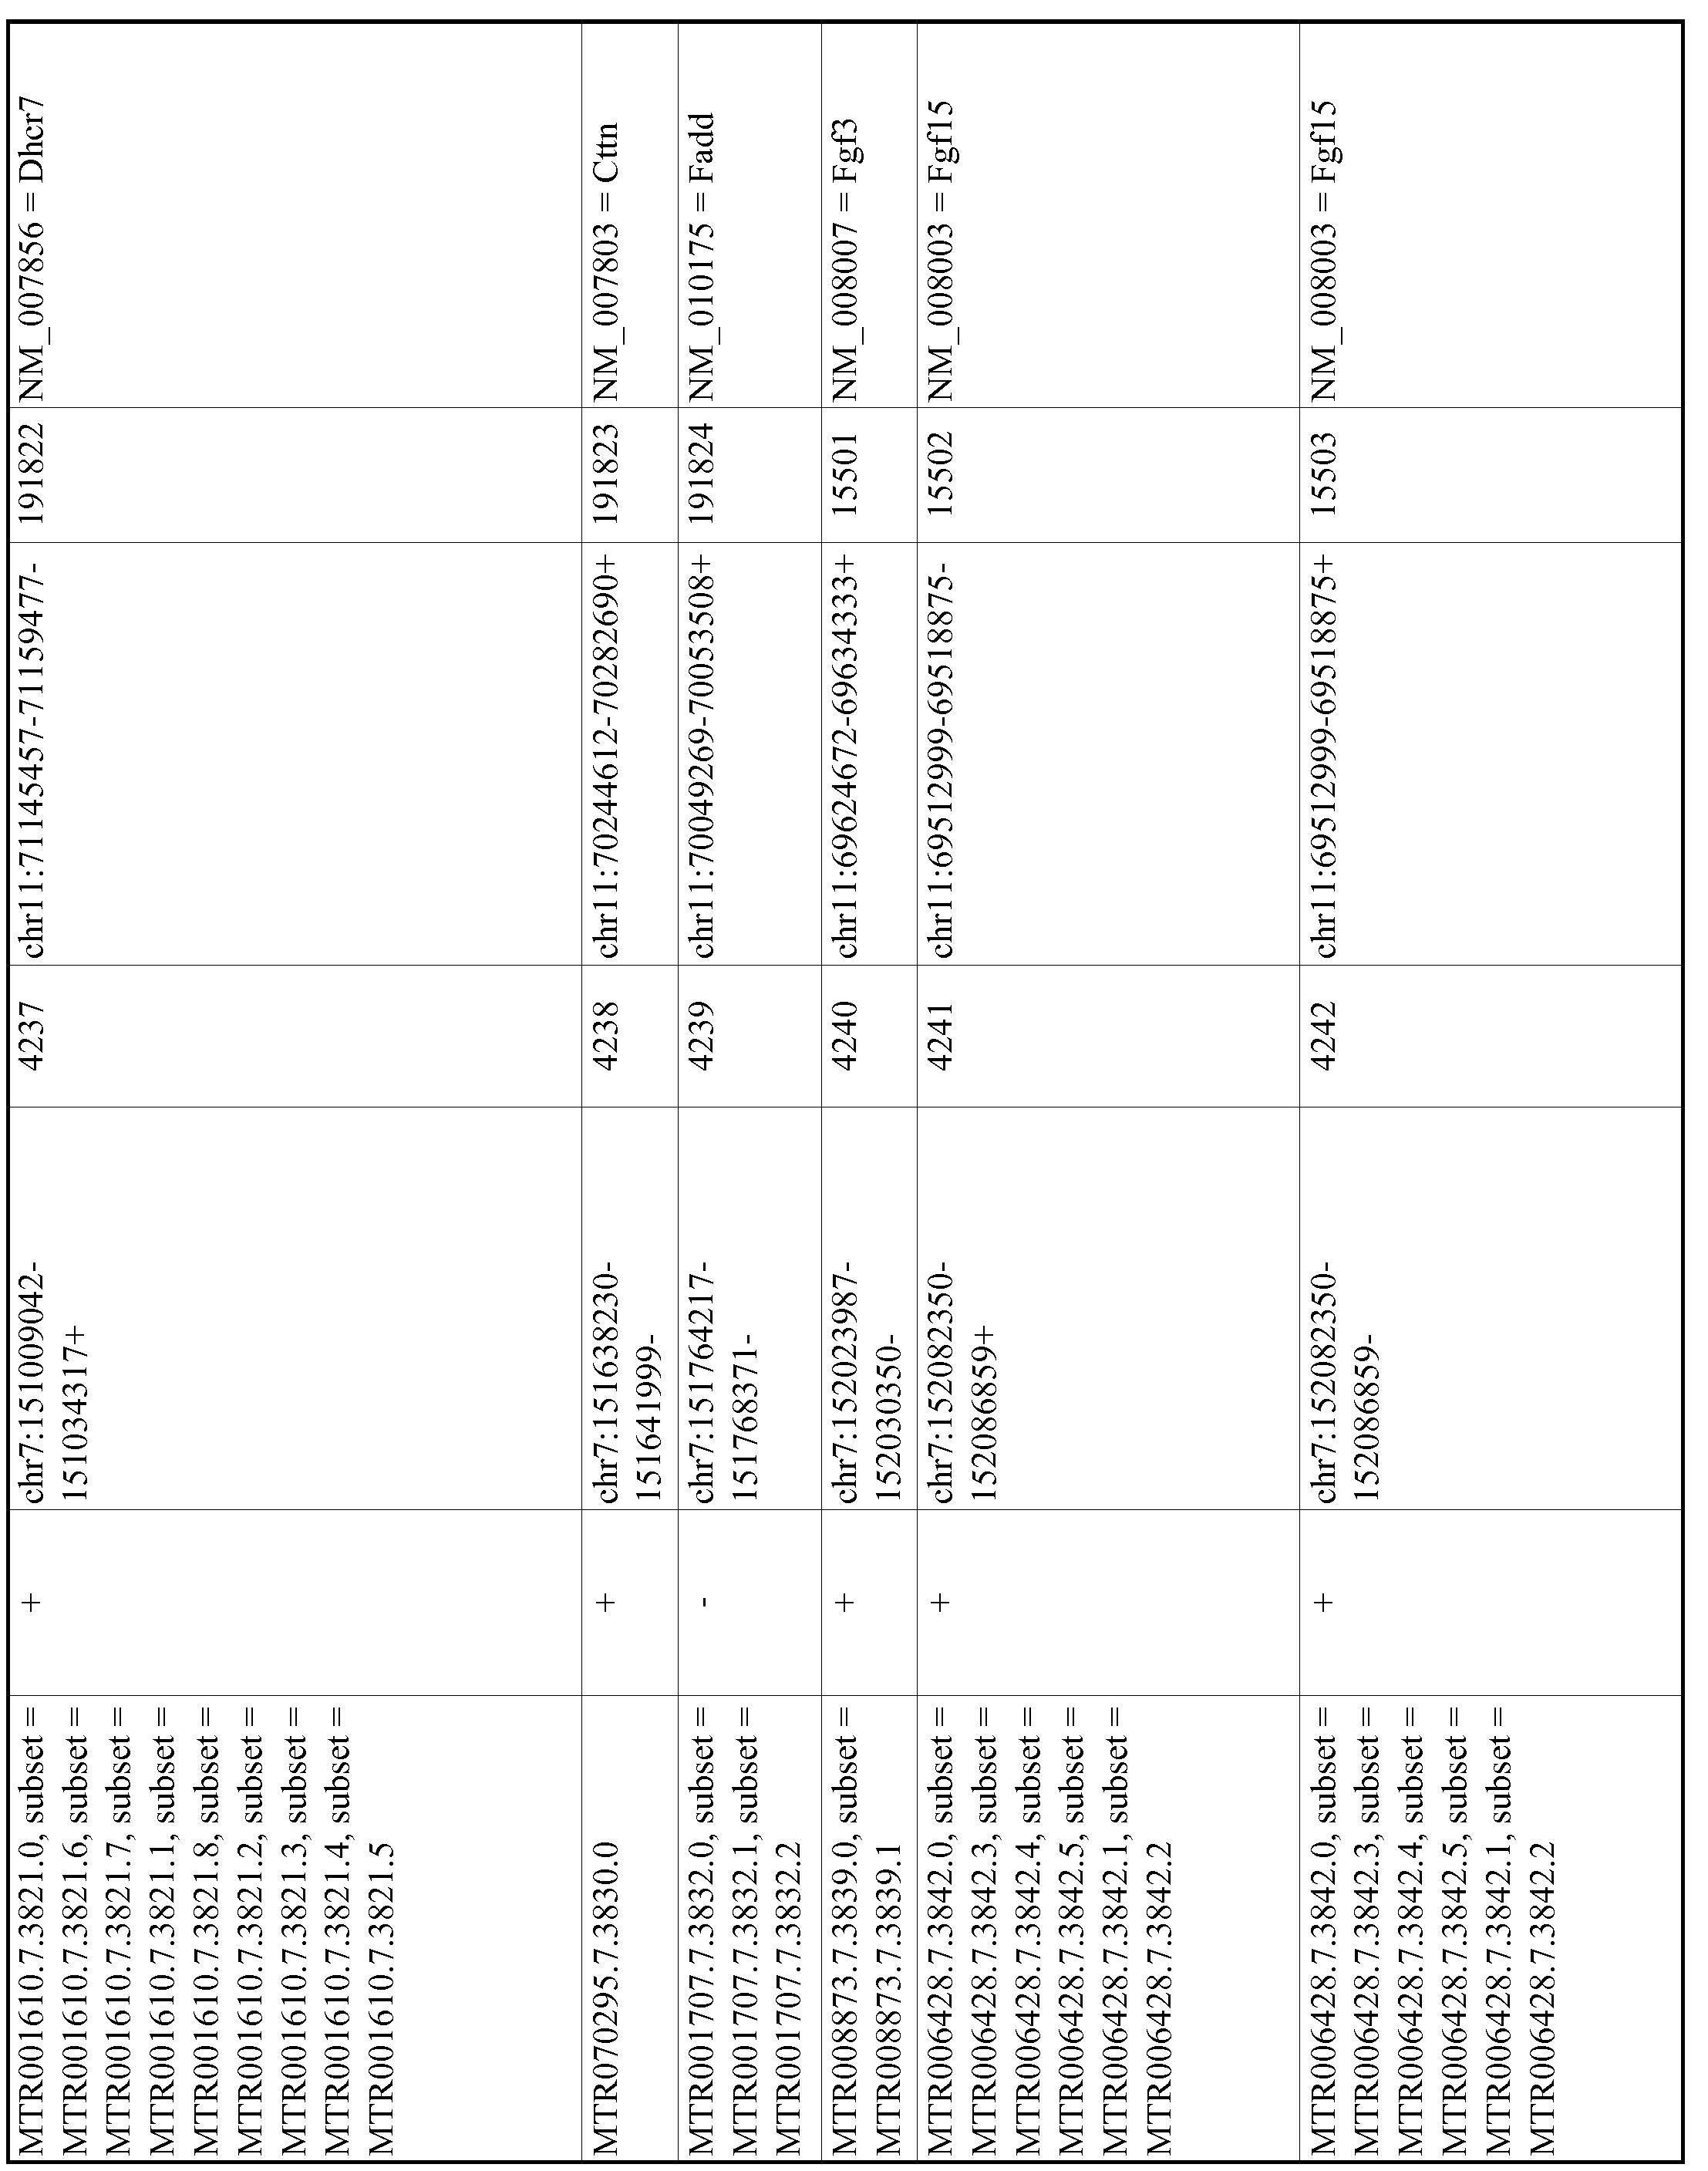 Figure imgf000804_0001